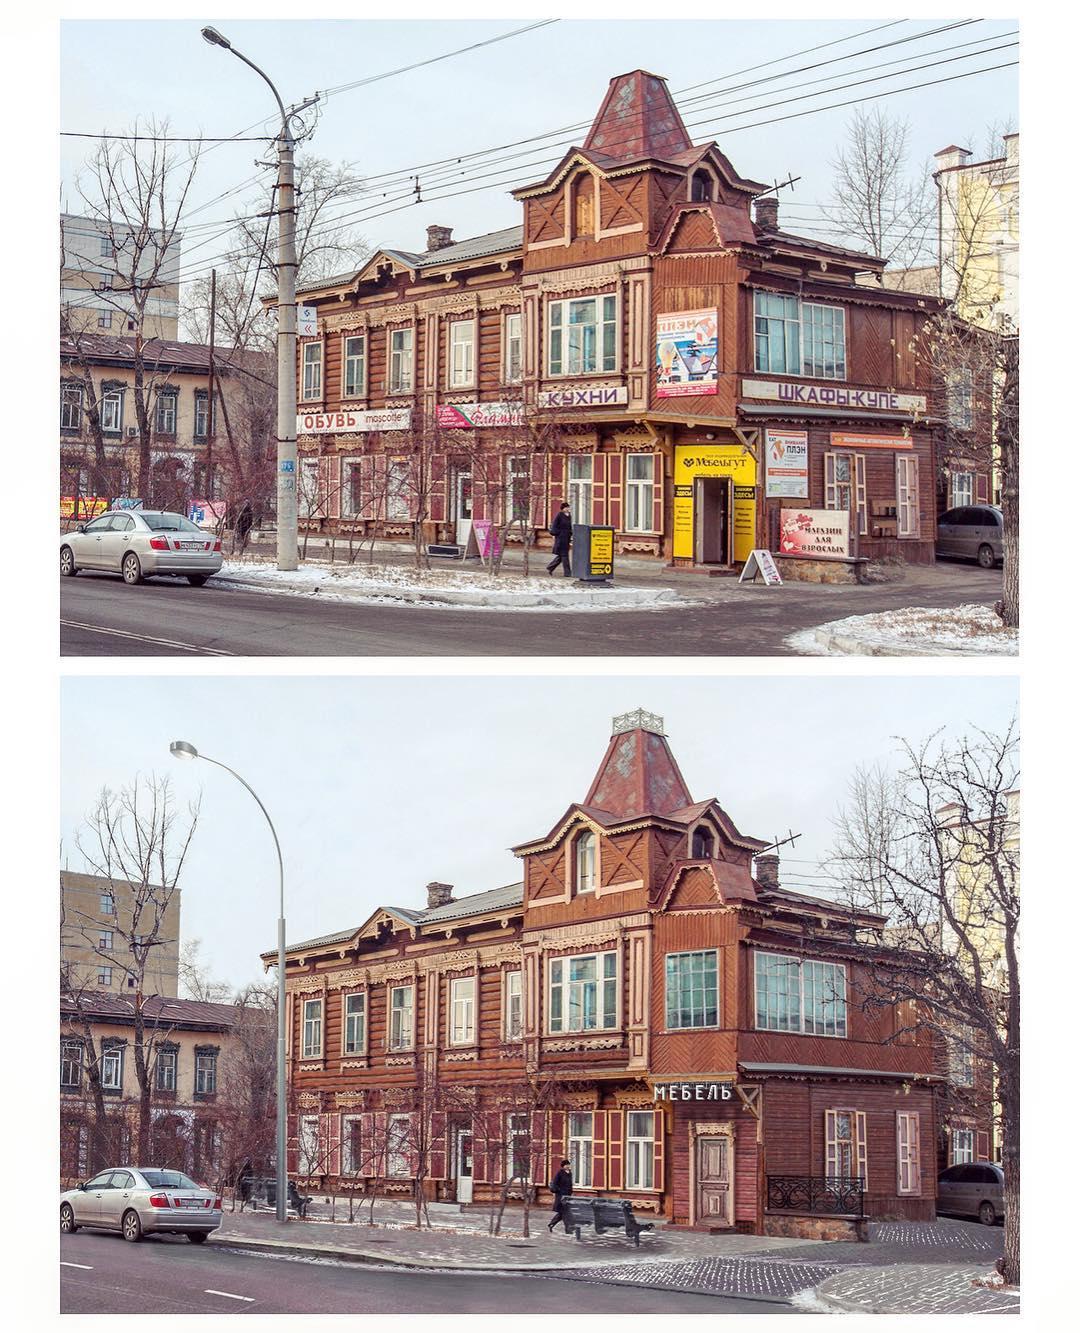 stariy_noviy_gorod_25014097_161255931269956_5809774803573276672_n.jpg